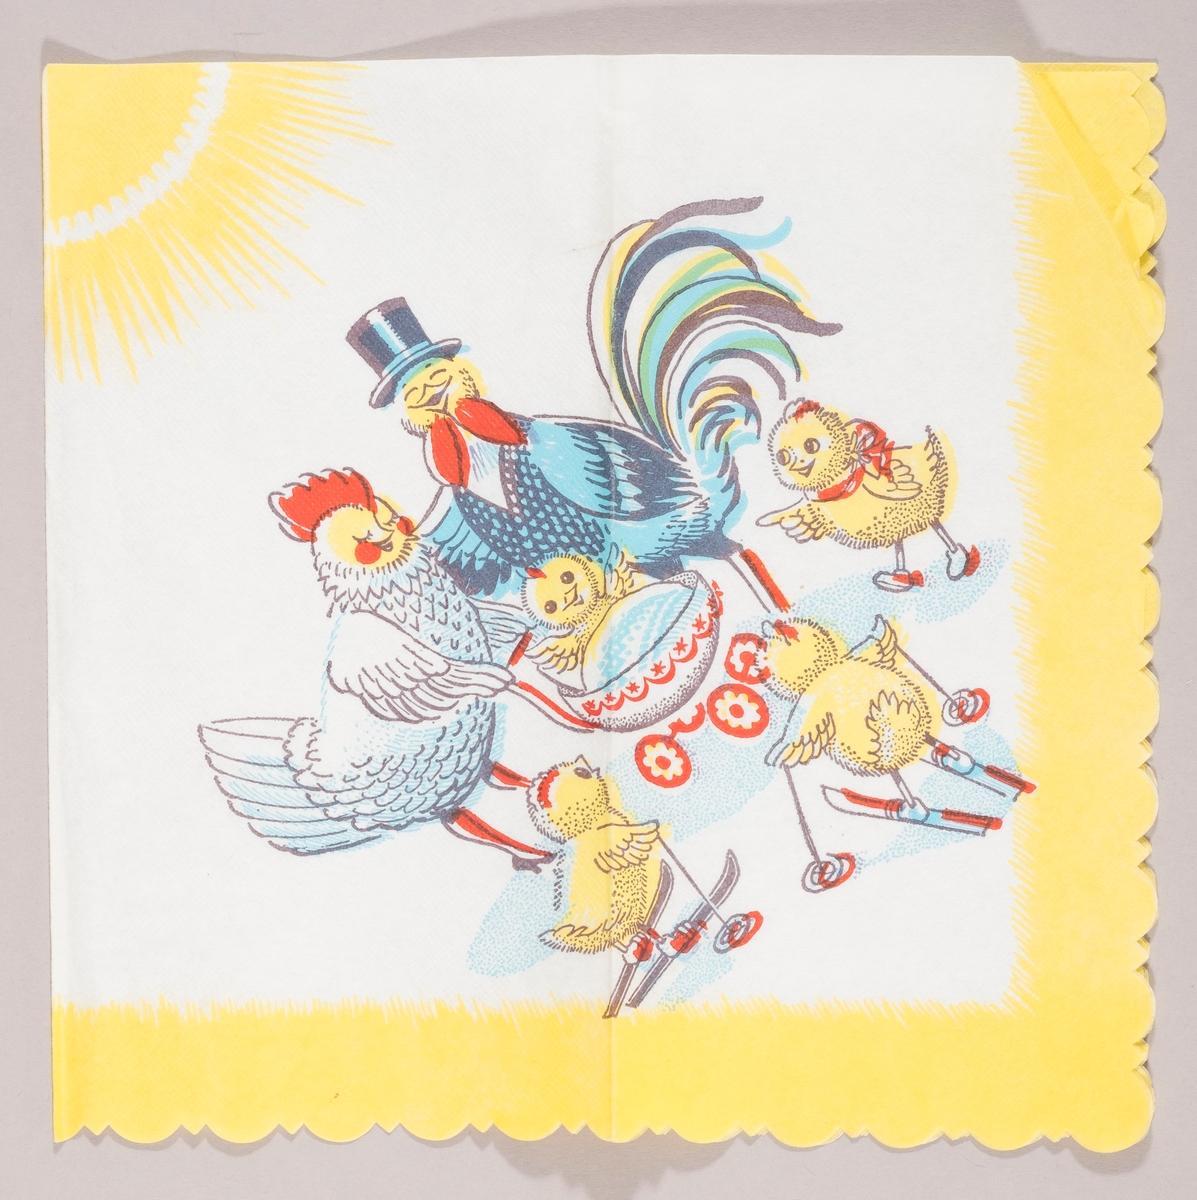 En hanefar med vest og flosshatt og en hønemor med en barnevogn med en liten kylling oppi hilser på tre kyllinger. To av kyllingene går på ski og en står og peker med vingen. Solen stråler i bakgrunnen. Gul kant.